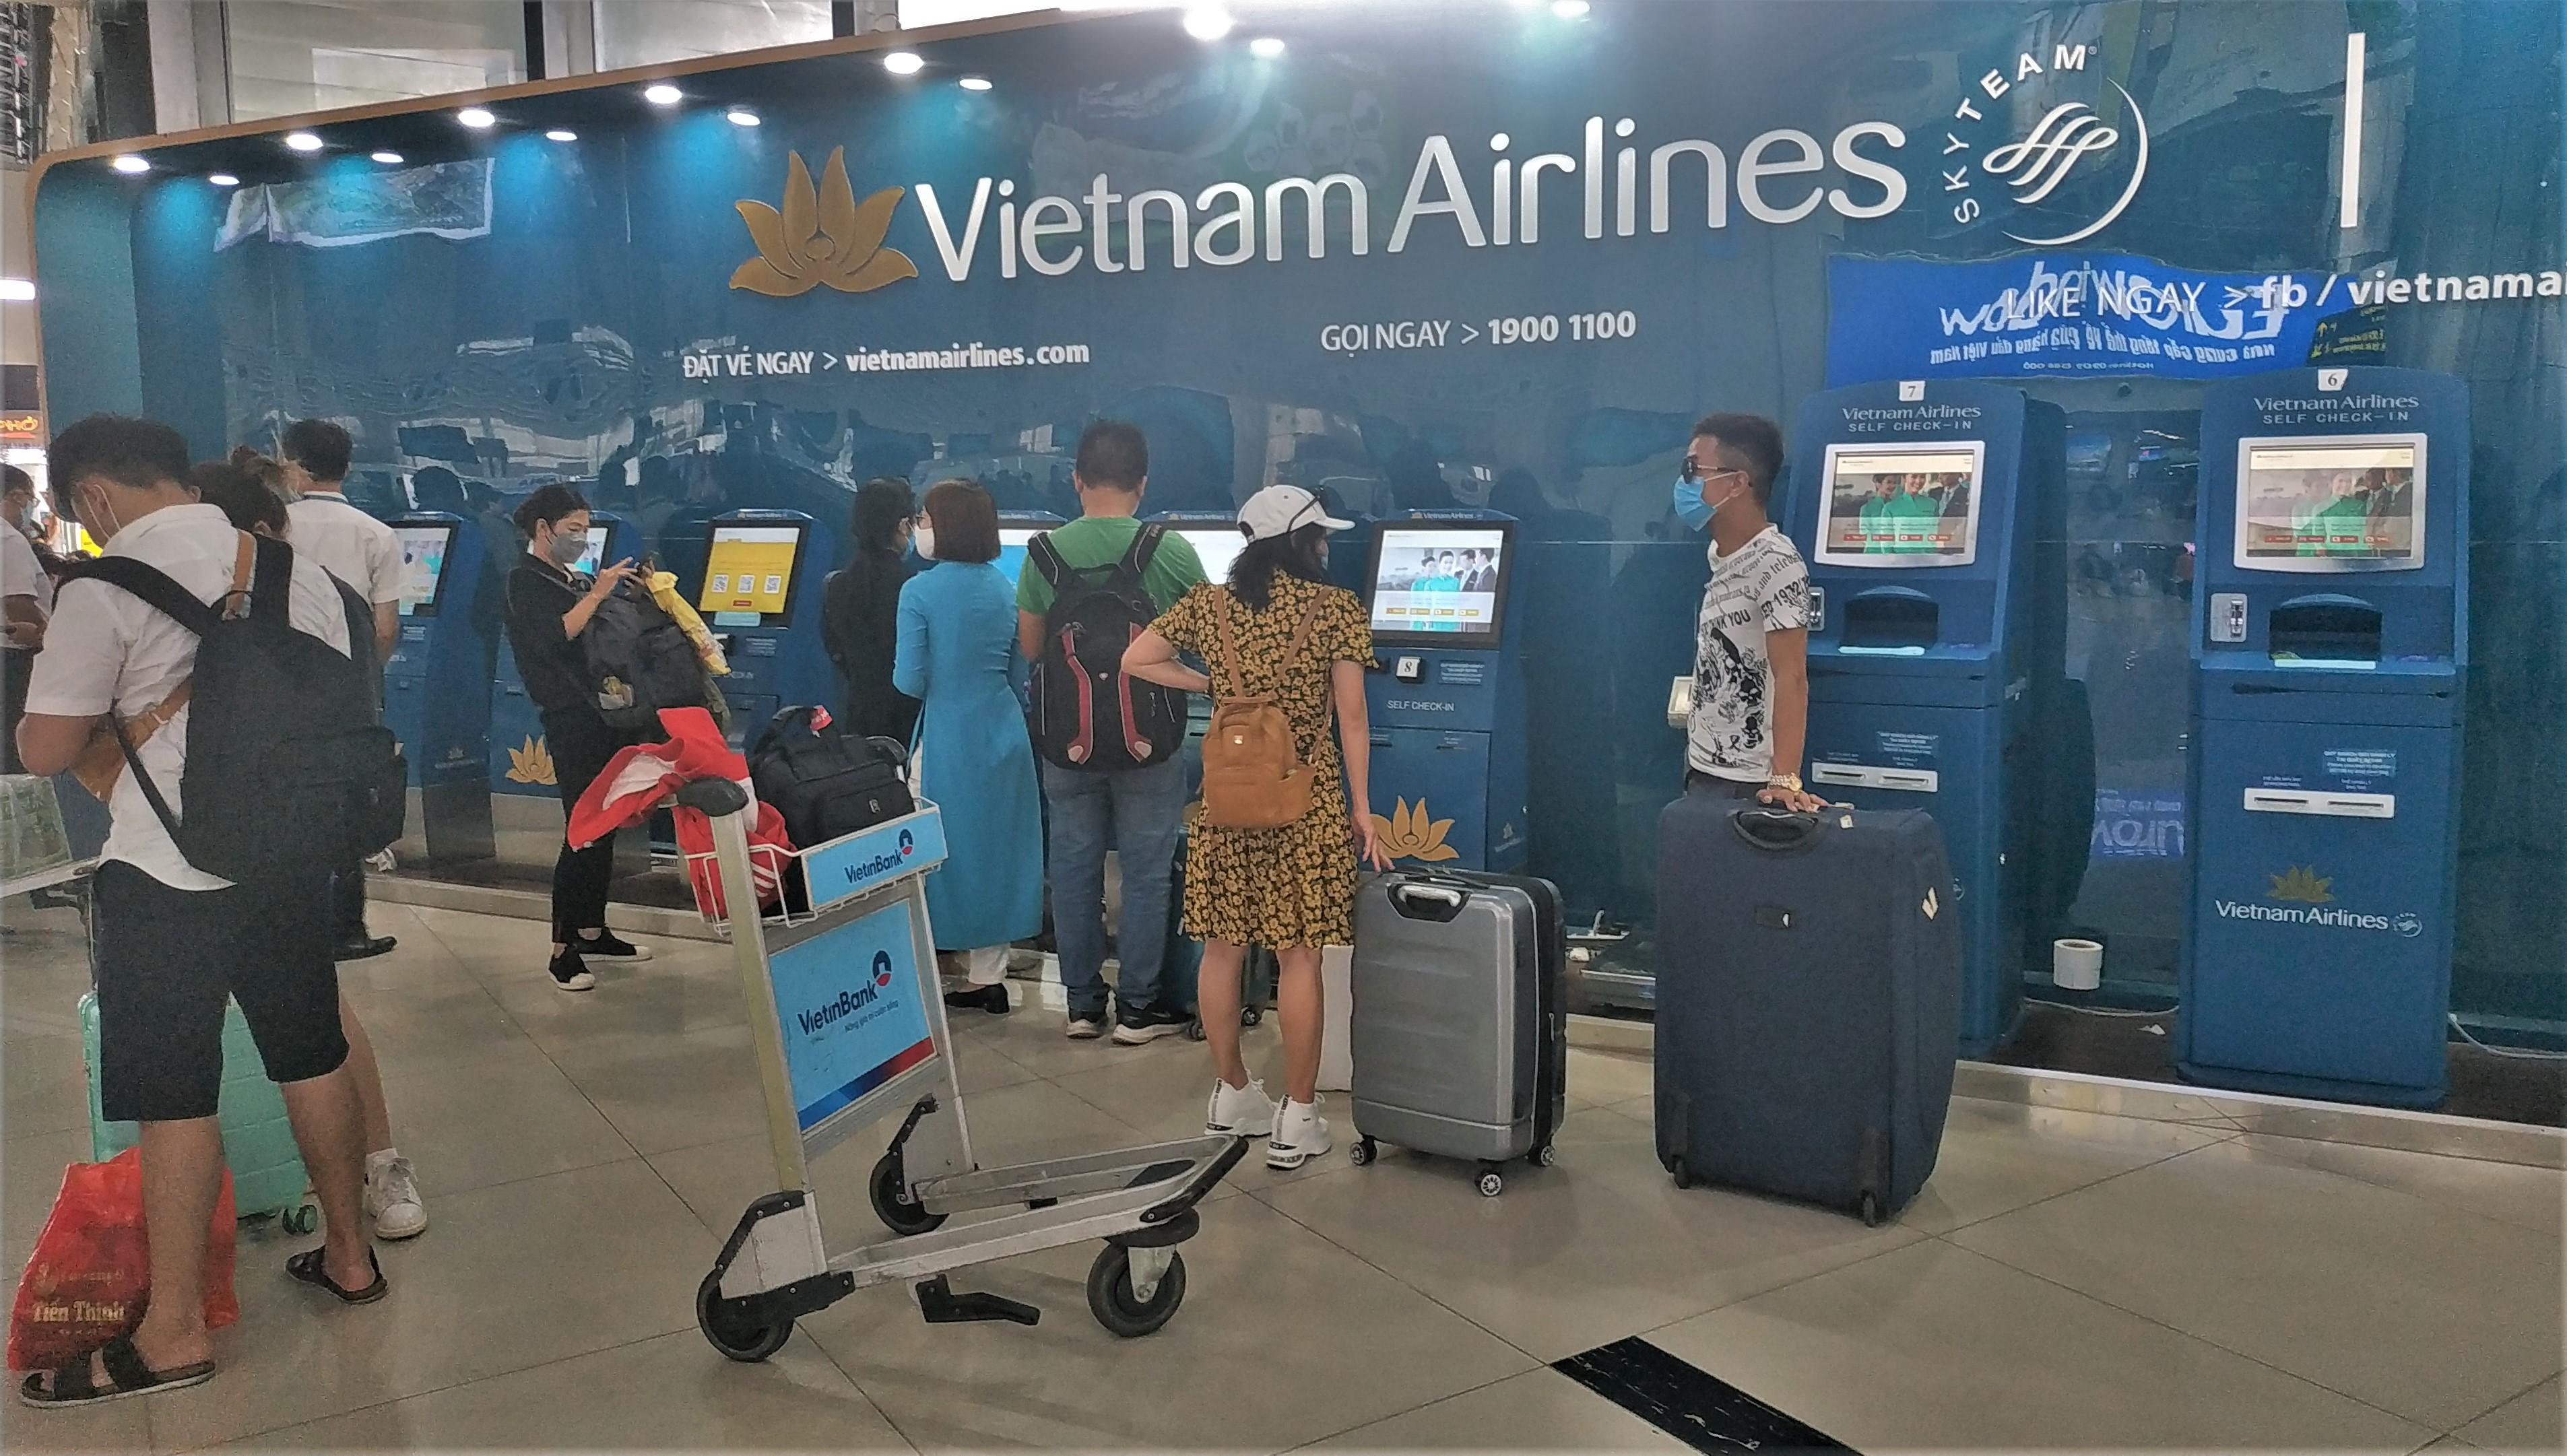 Vietnam Airlines dự kiến mỗi ngày lỗ vài chục tỉ đồng trong năm 2021 - Ảnh 2.